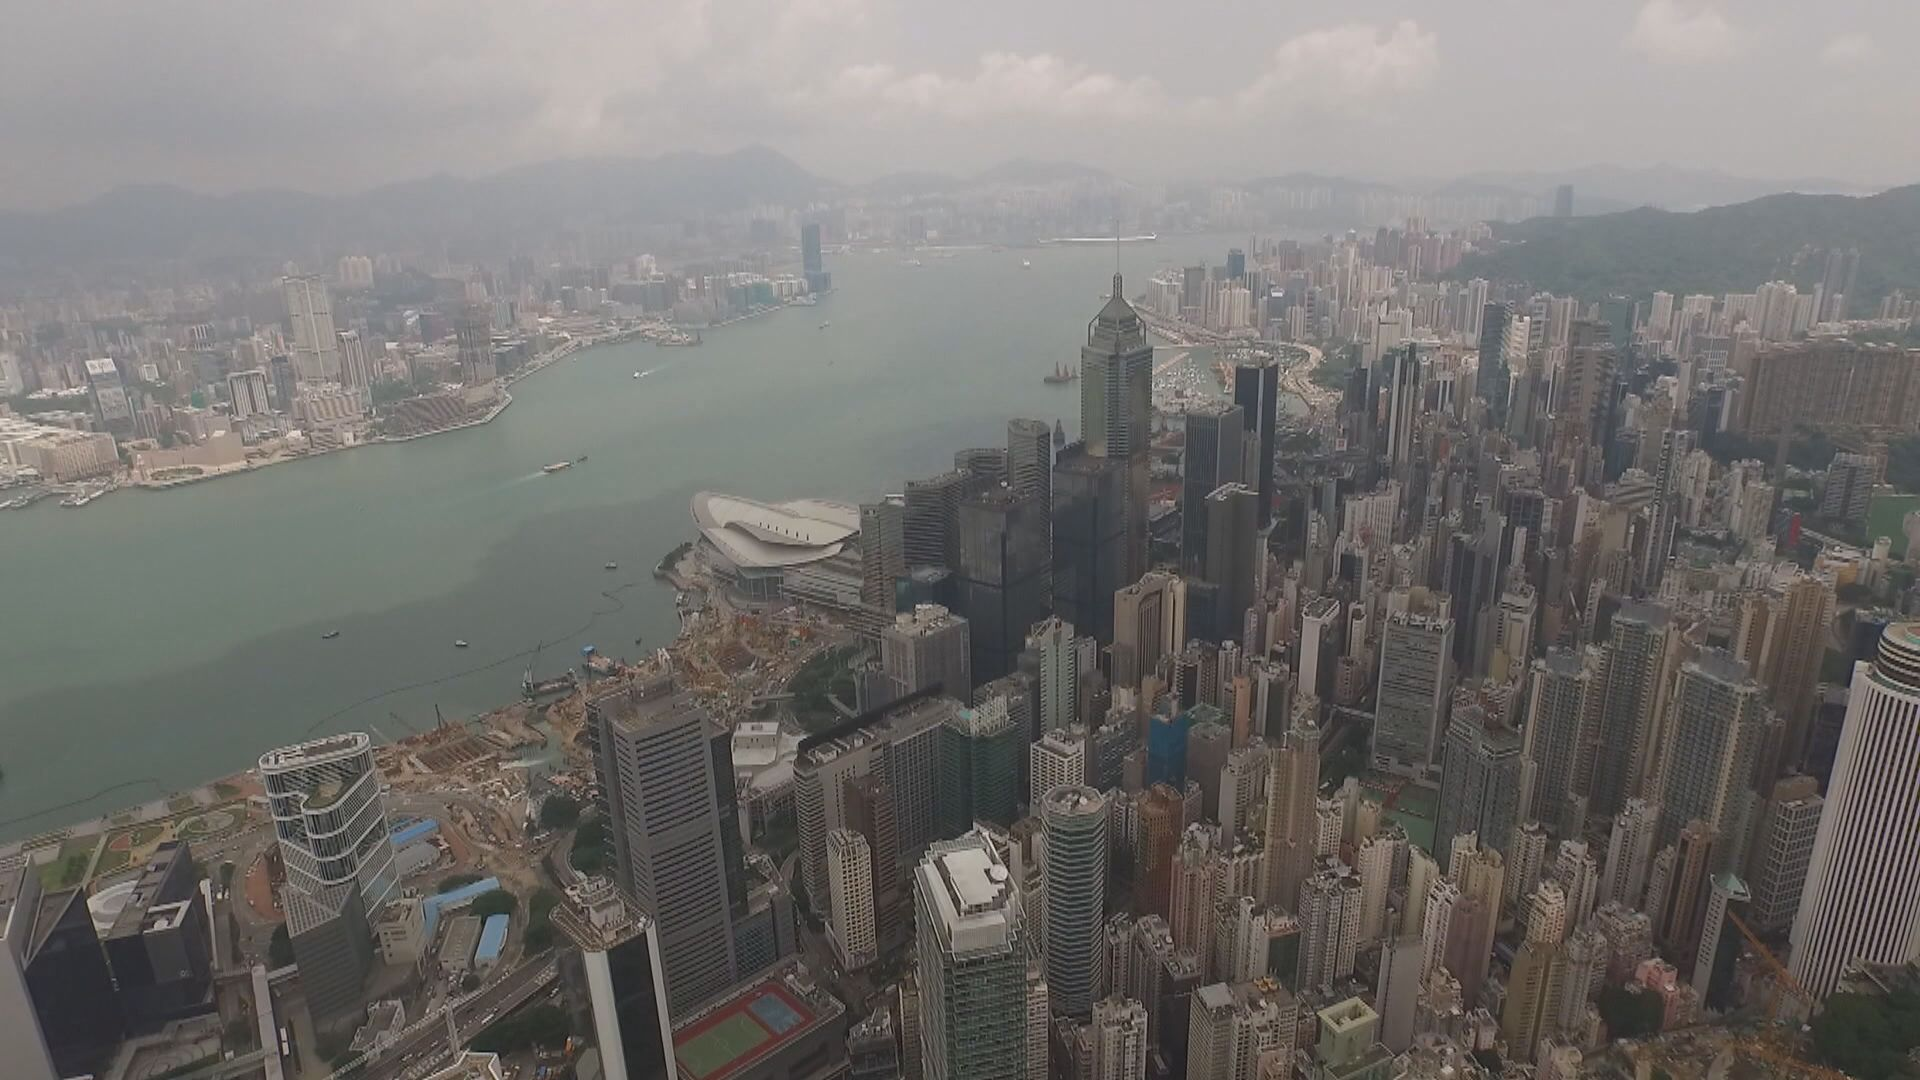 【幫港出聲】特朗普將香港議題與中美貿易掛鈎